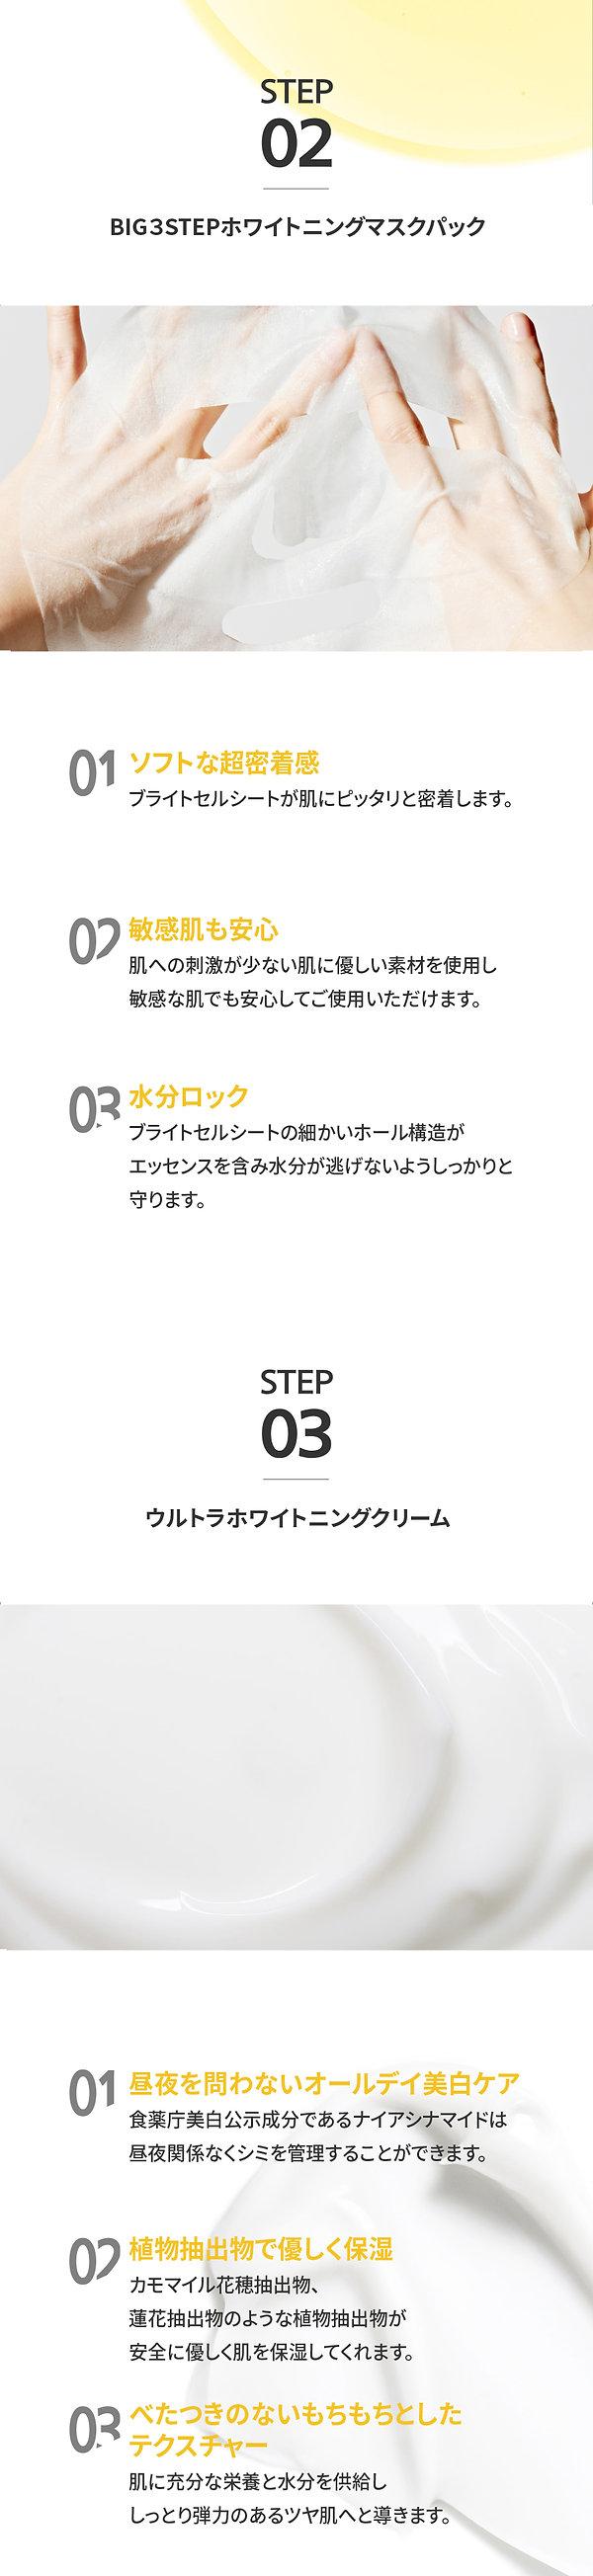 미구하라 마스크팩 -퍼펙션 스킨 상세페이지_02.jpg